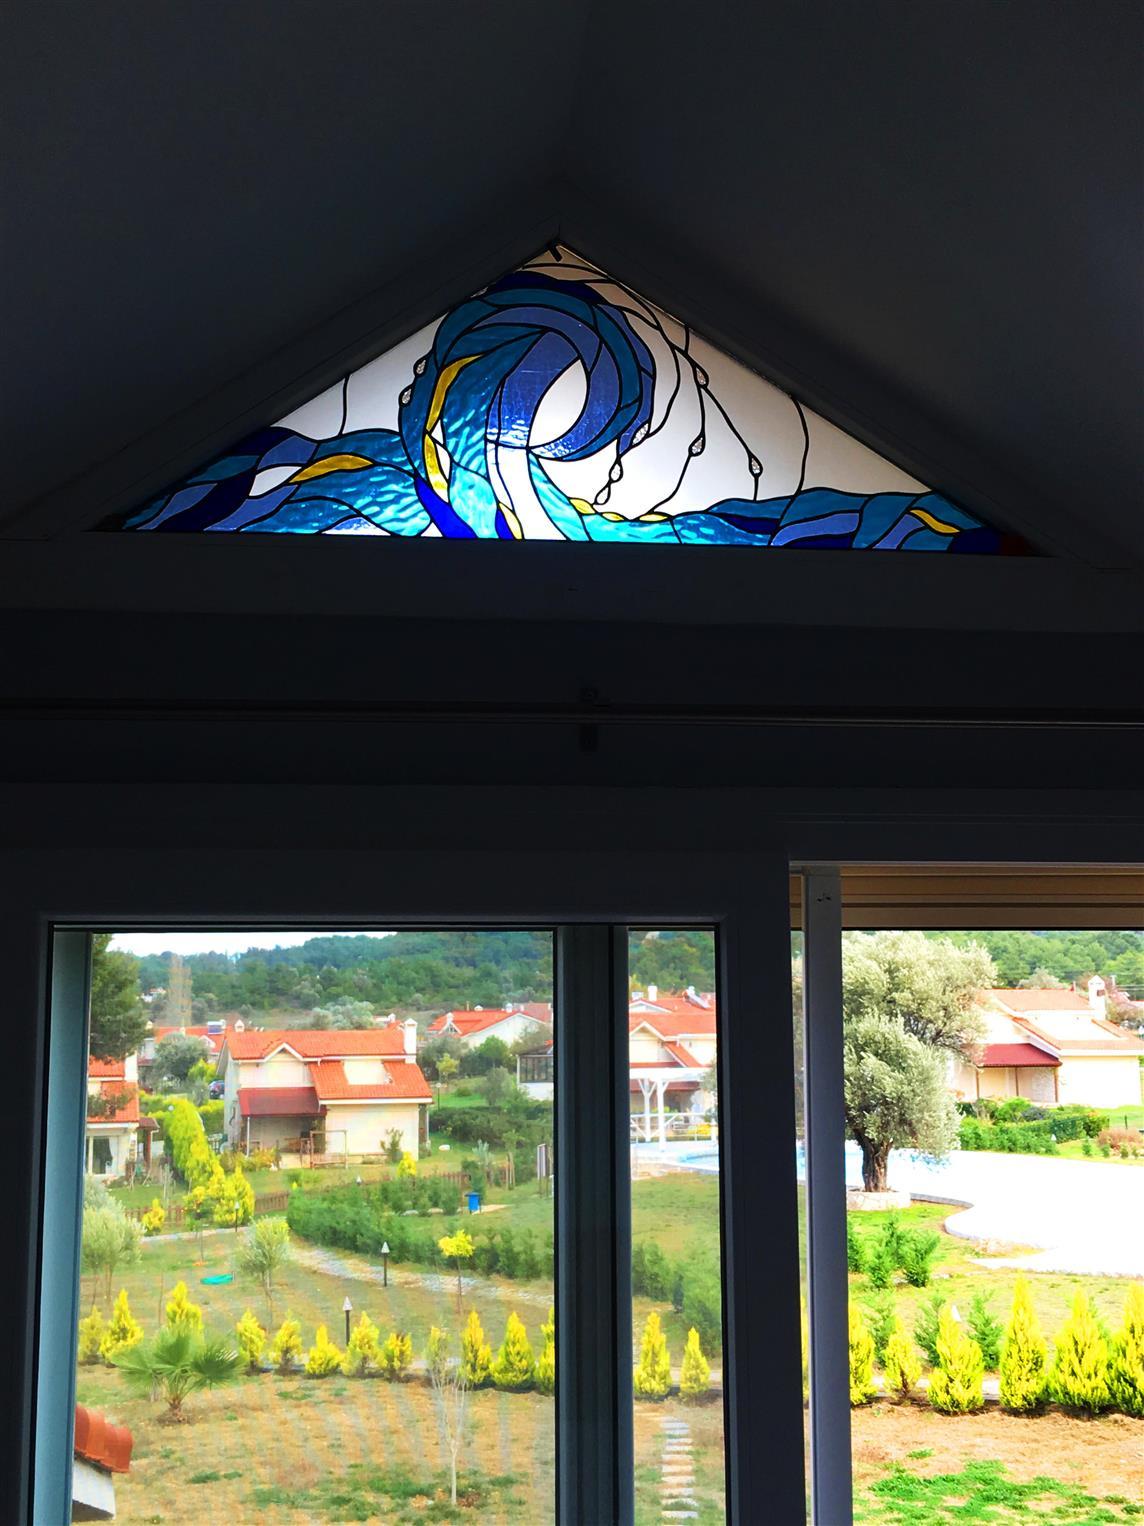 yuvarlak-pencere-vitraylari-urla2017122119398161.jpg izmir vitray çalışması